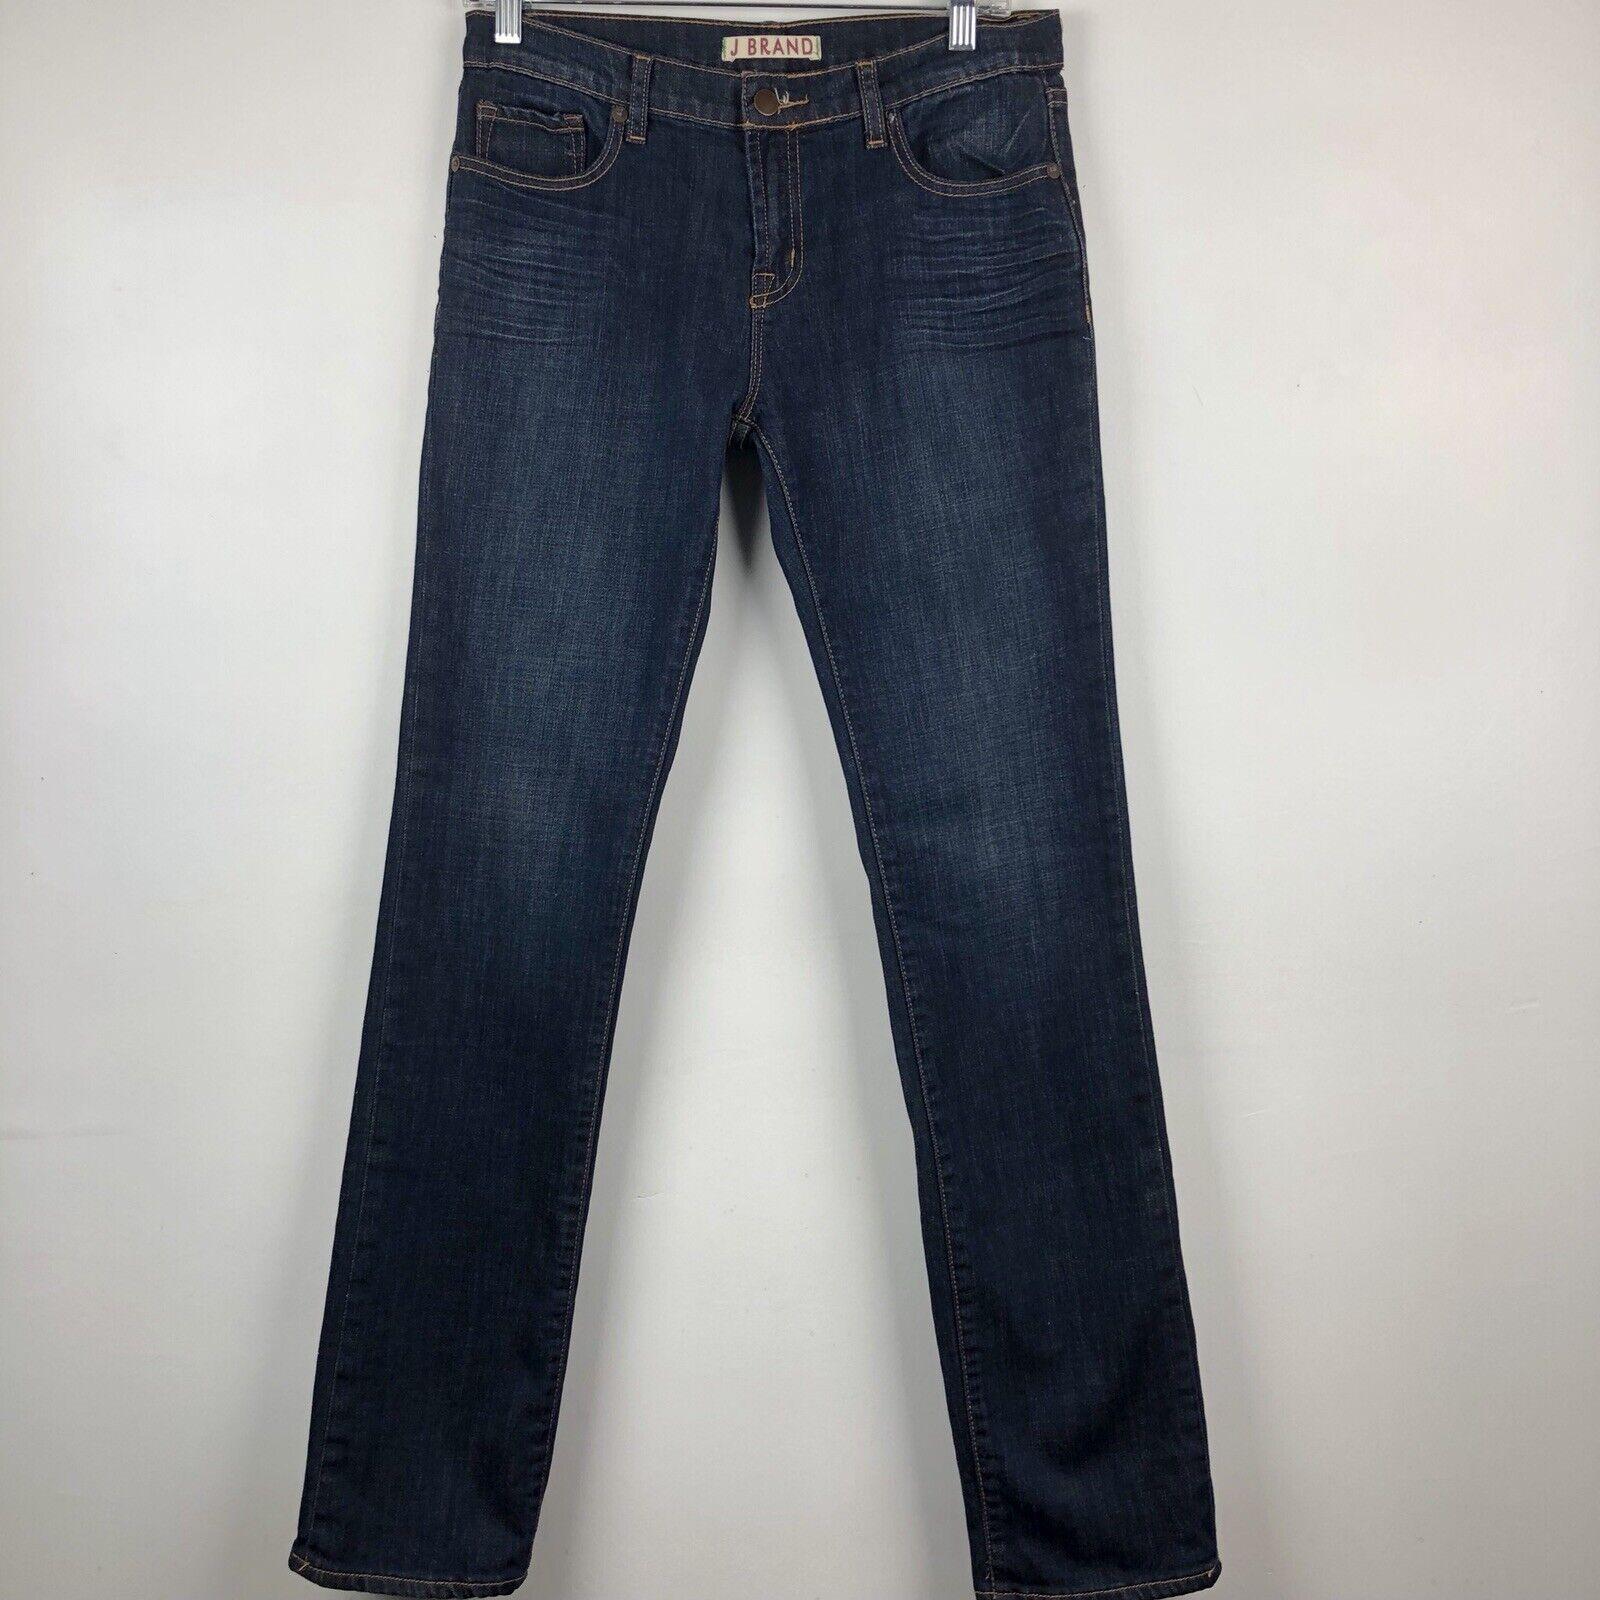 J Brand Jean's Women's Cigarette Leg Size 31 Dark bluee